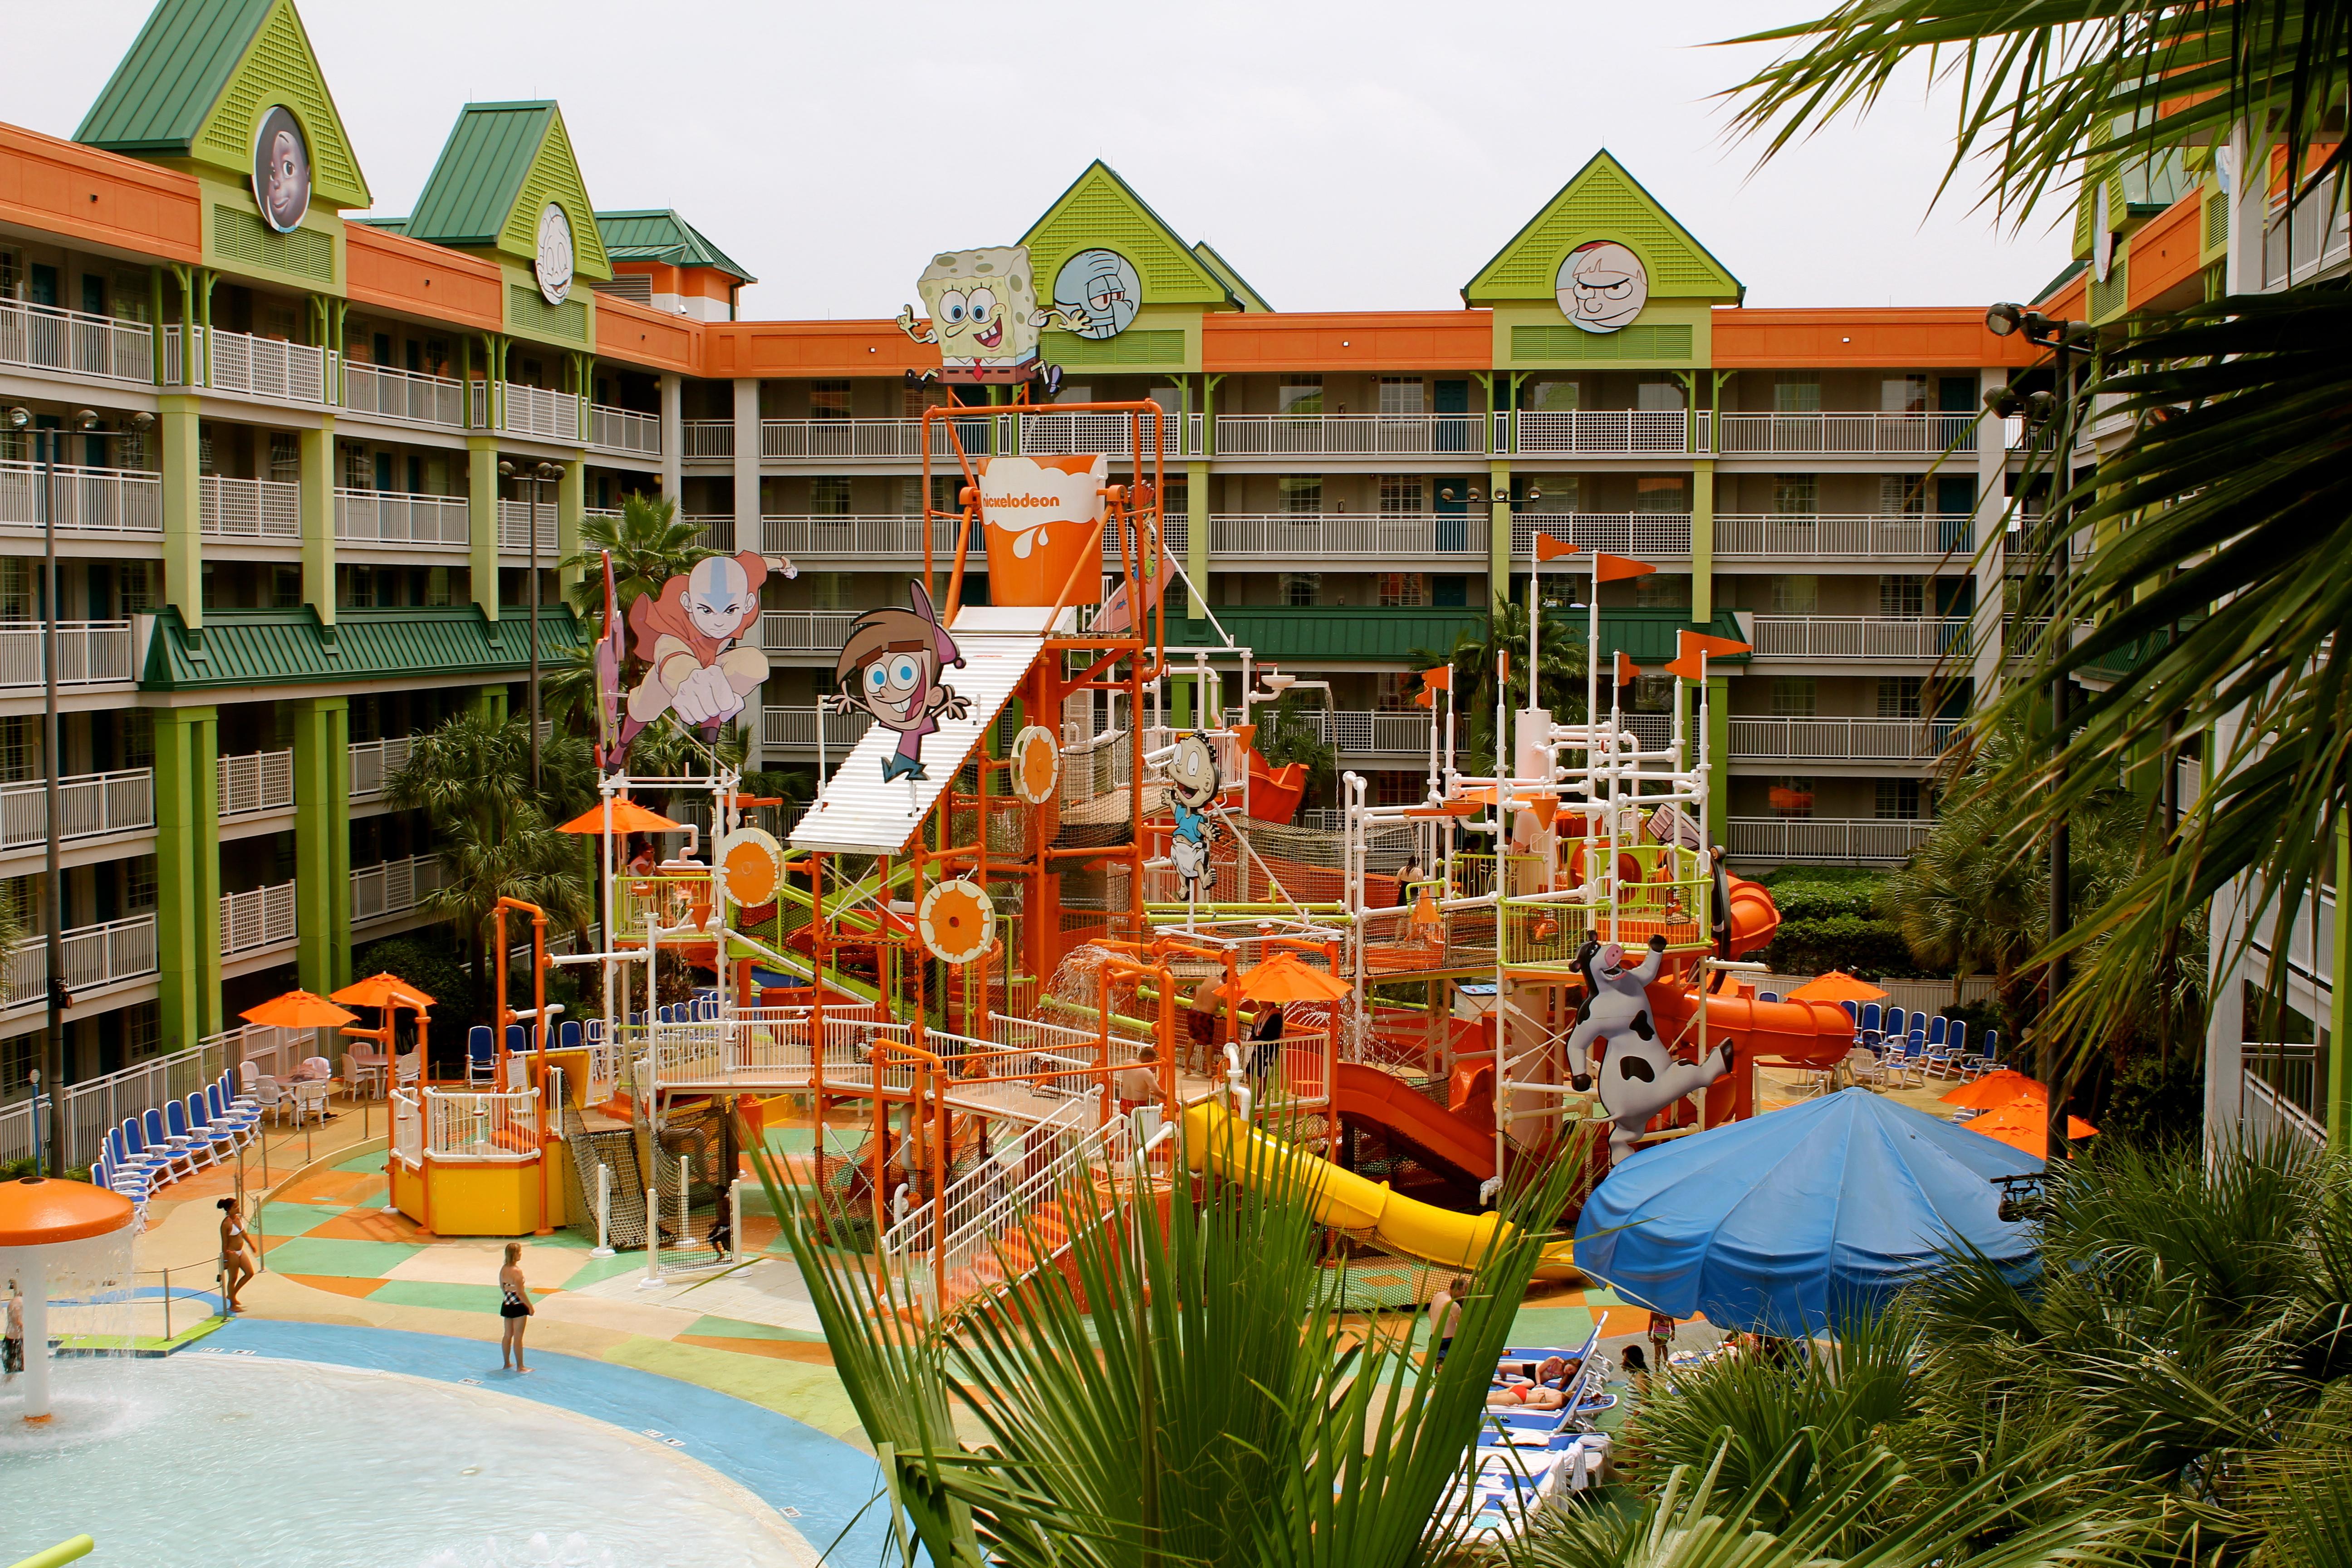 Hotels Outside Disney Florida